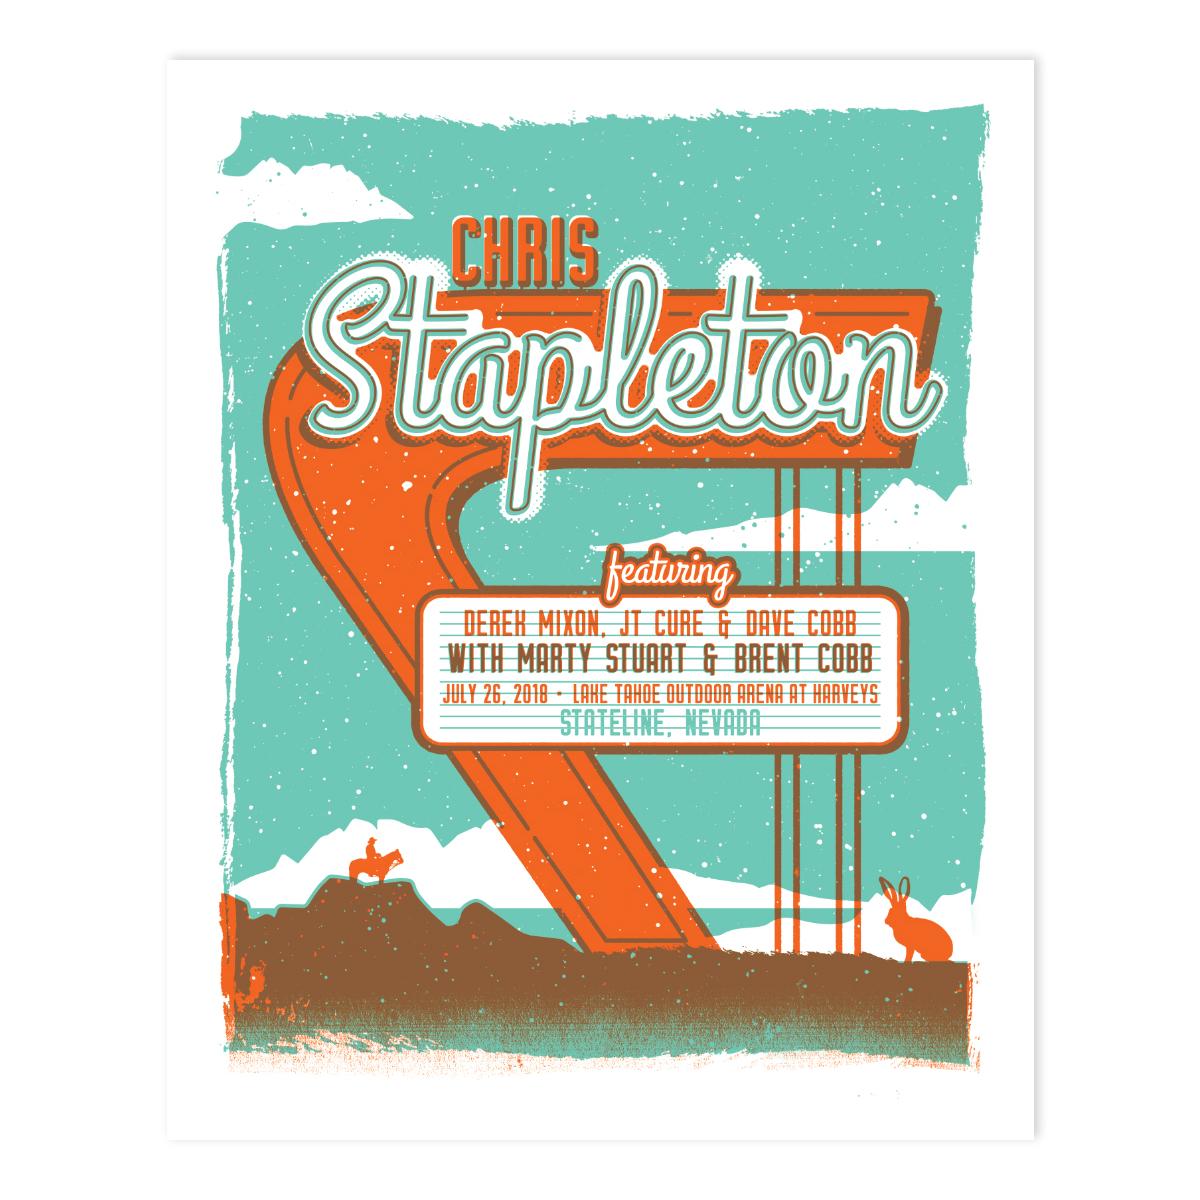 Chris Stapleton Show Poster – Stateline, NV 7/26/18